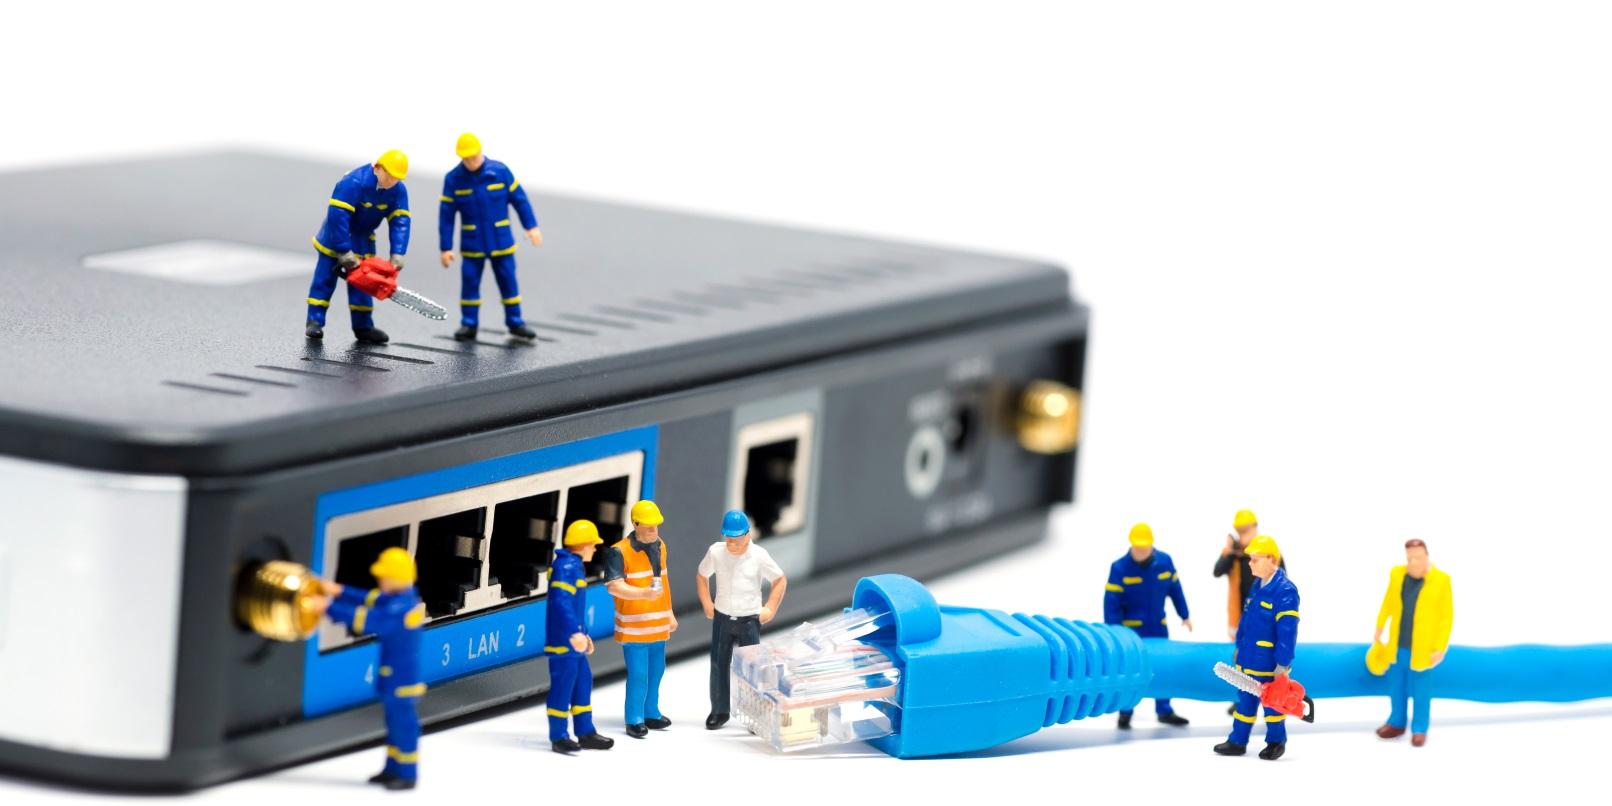 banda ancha en alemanai